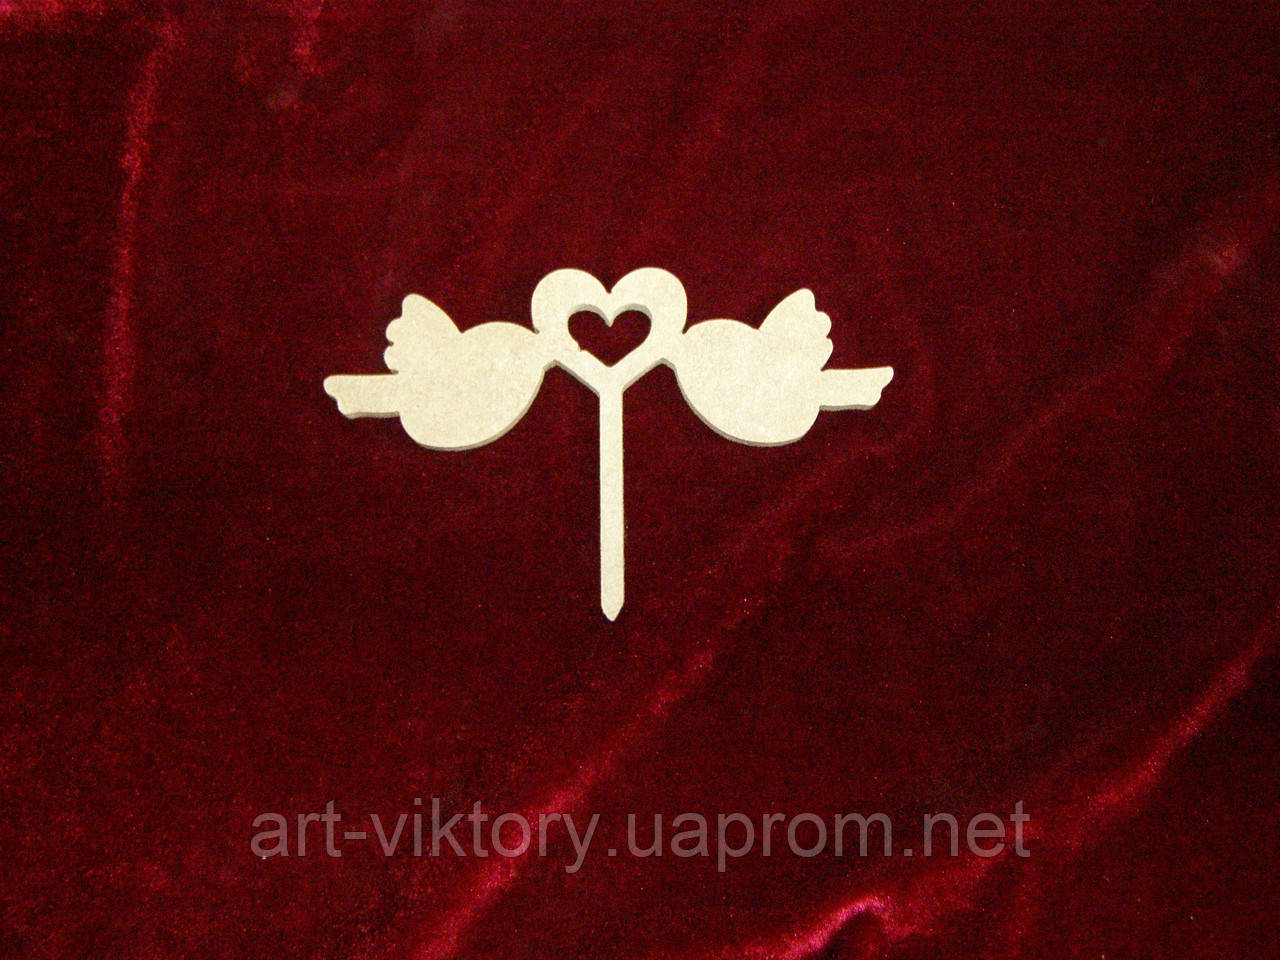 Топпер Пташки з сердечком, прикраси для тортів і капкейків